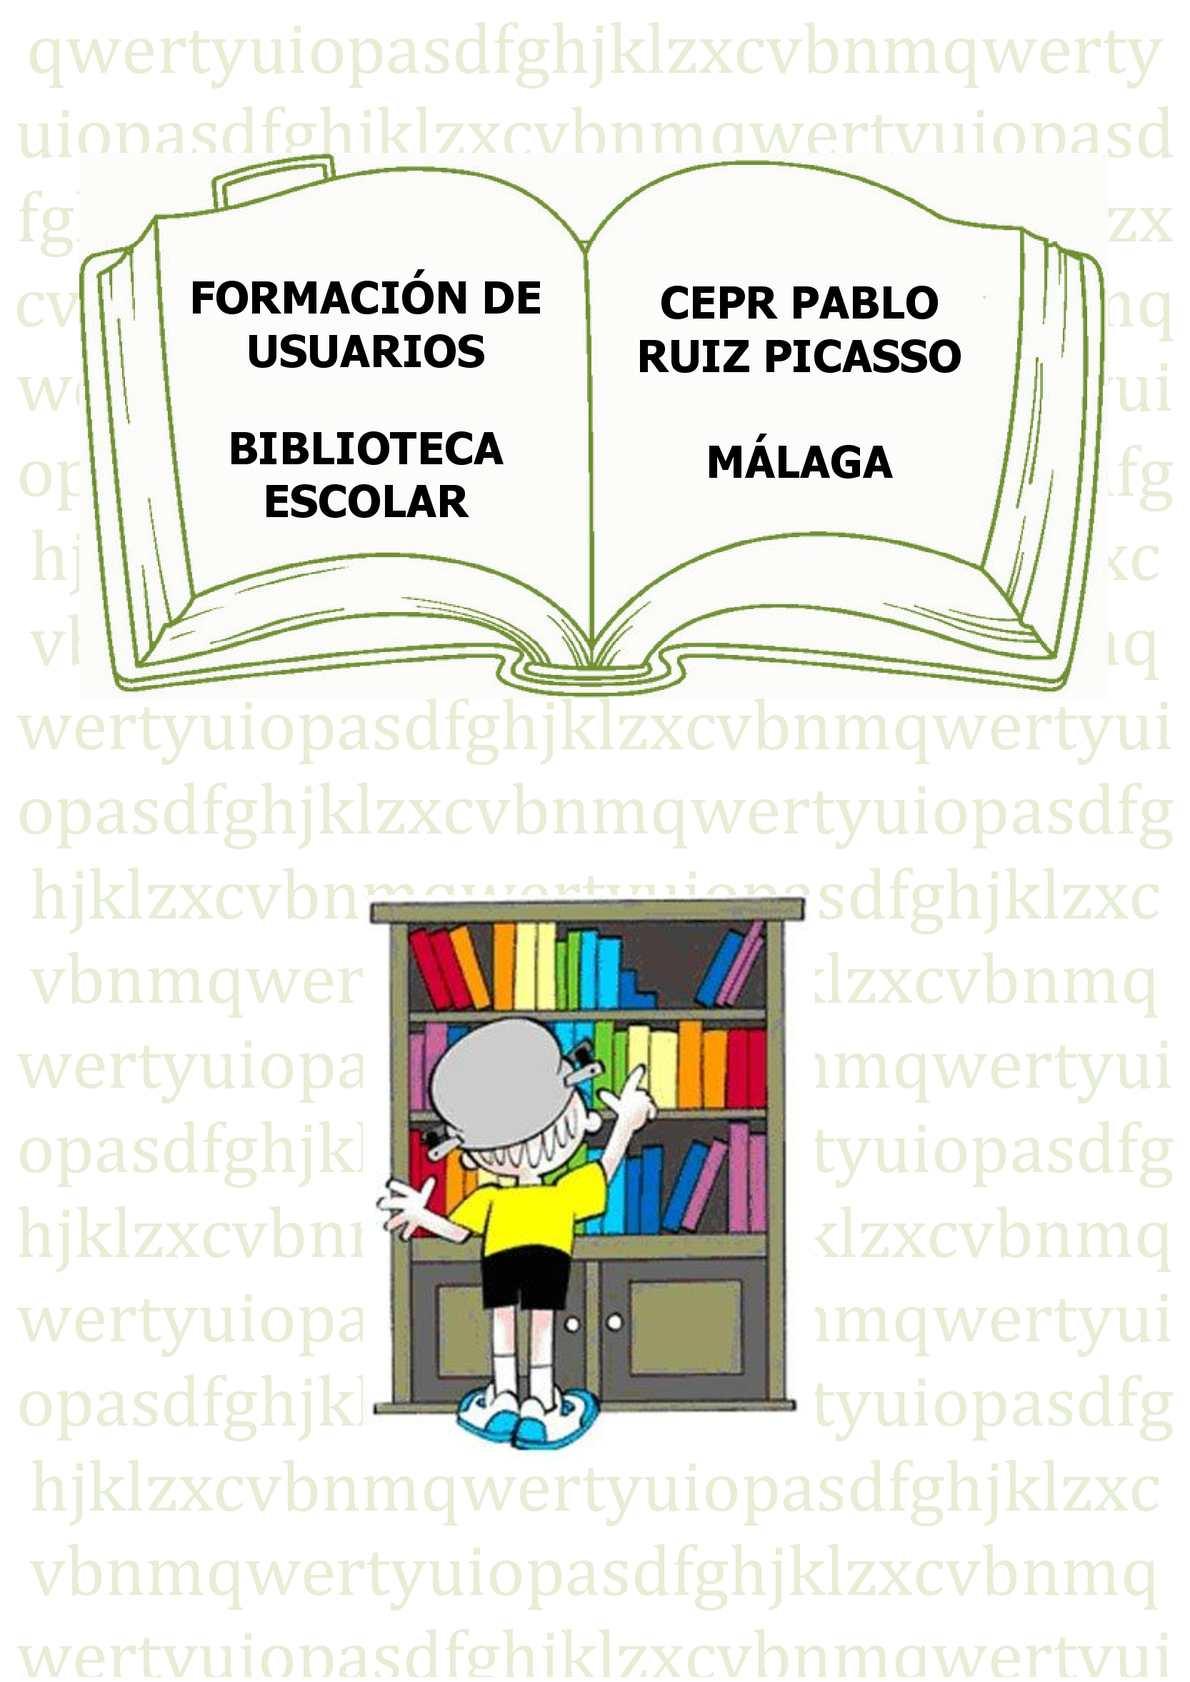 FORMACIÓN DE USUARIOS. BIBLIOTECA ESCOLAR